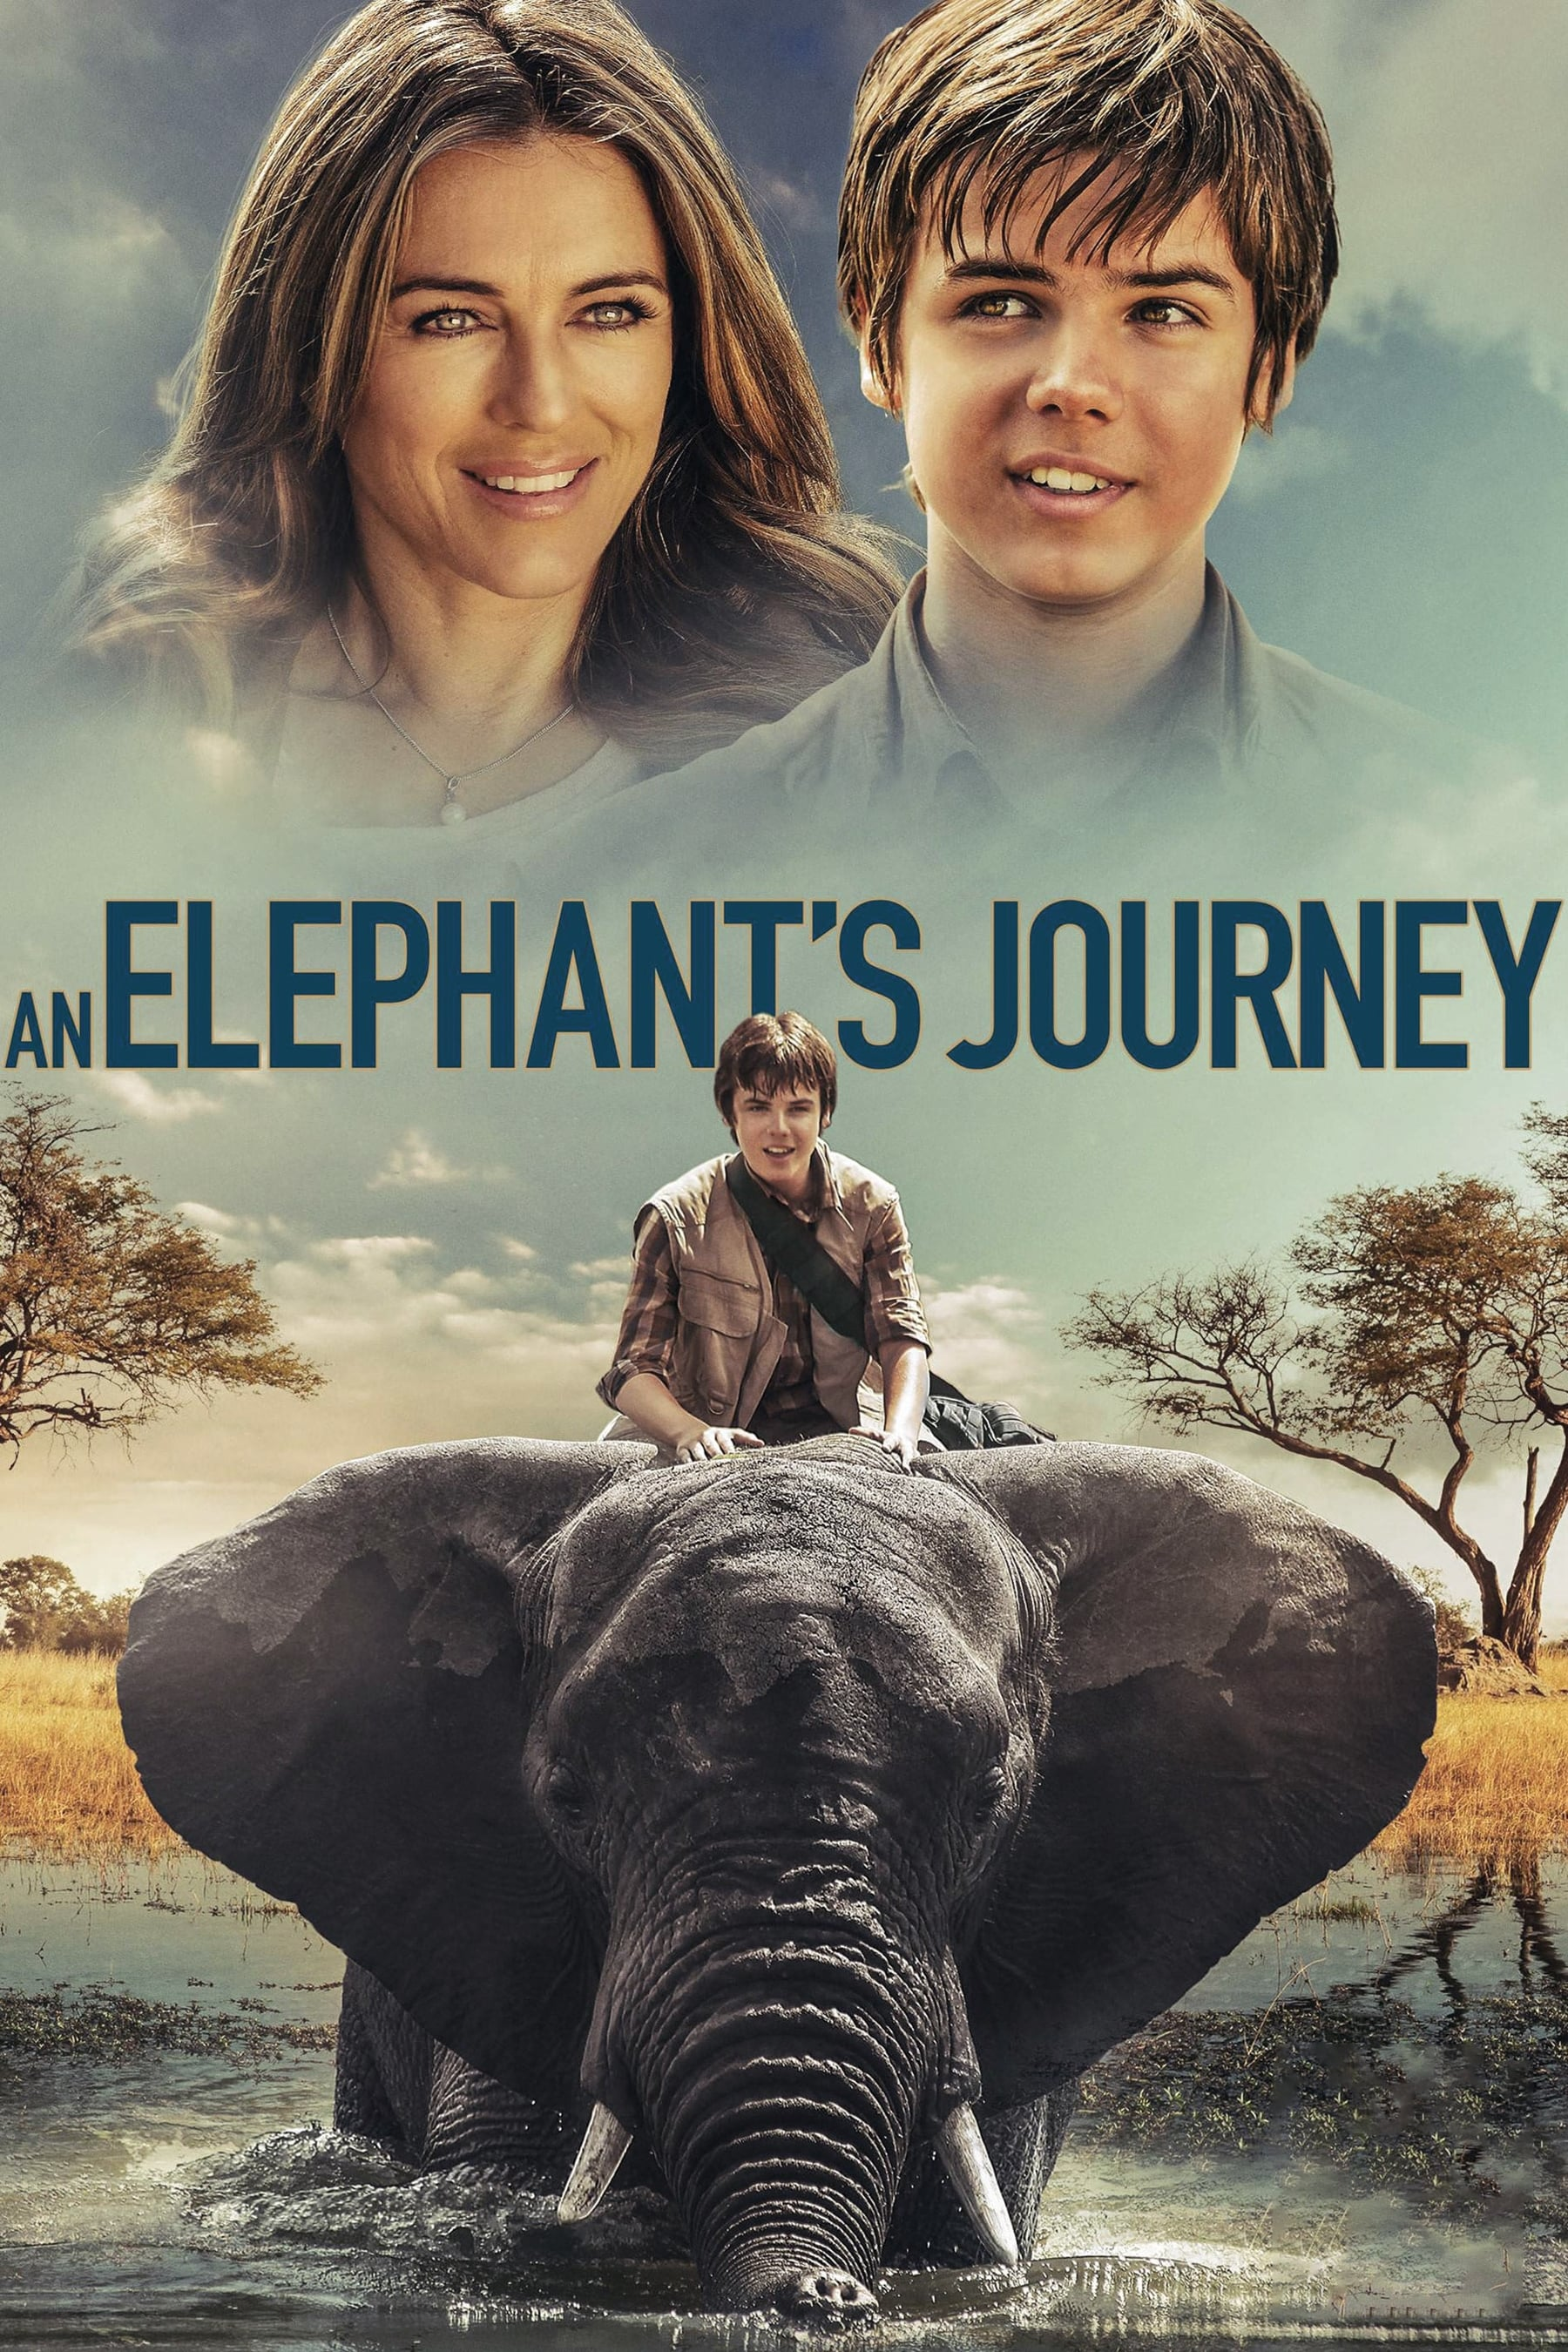 Xem Phim Hành trình của một chú voi - Phoenix Wilder and the Great Elephant Adventure Full Vietsub | Thuyết Minh HD Online